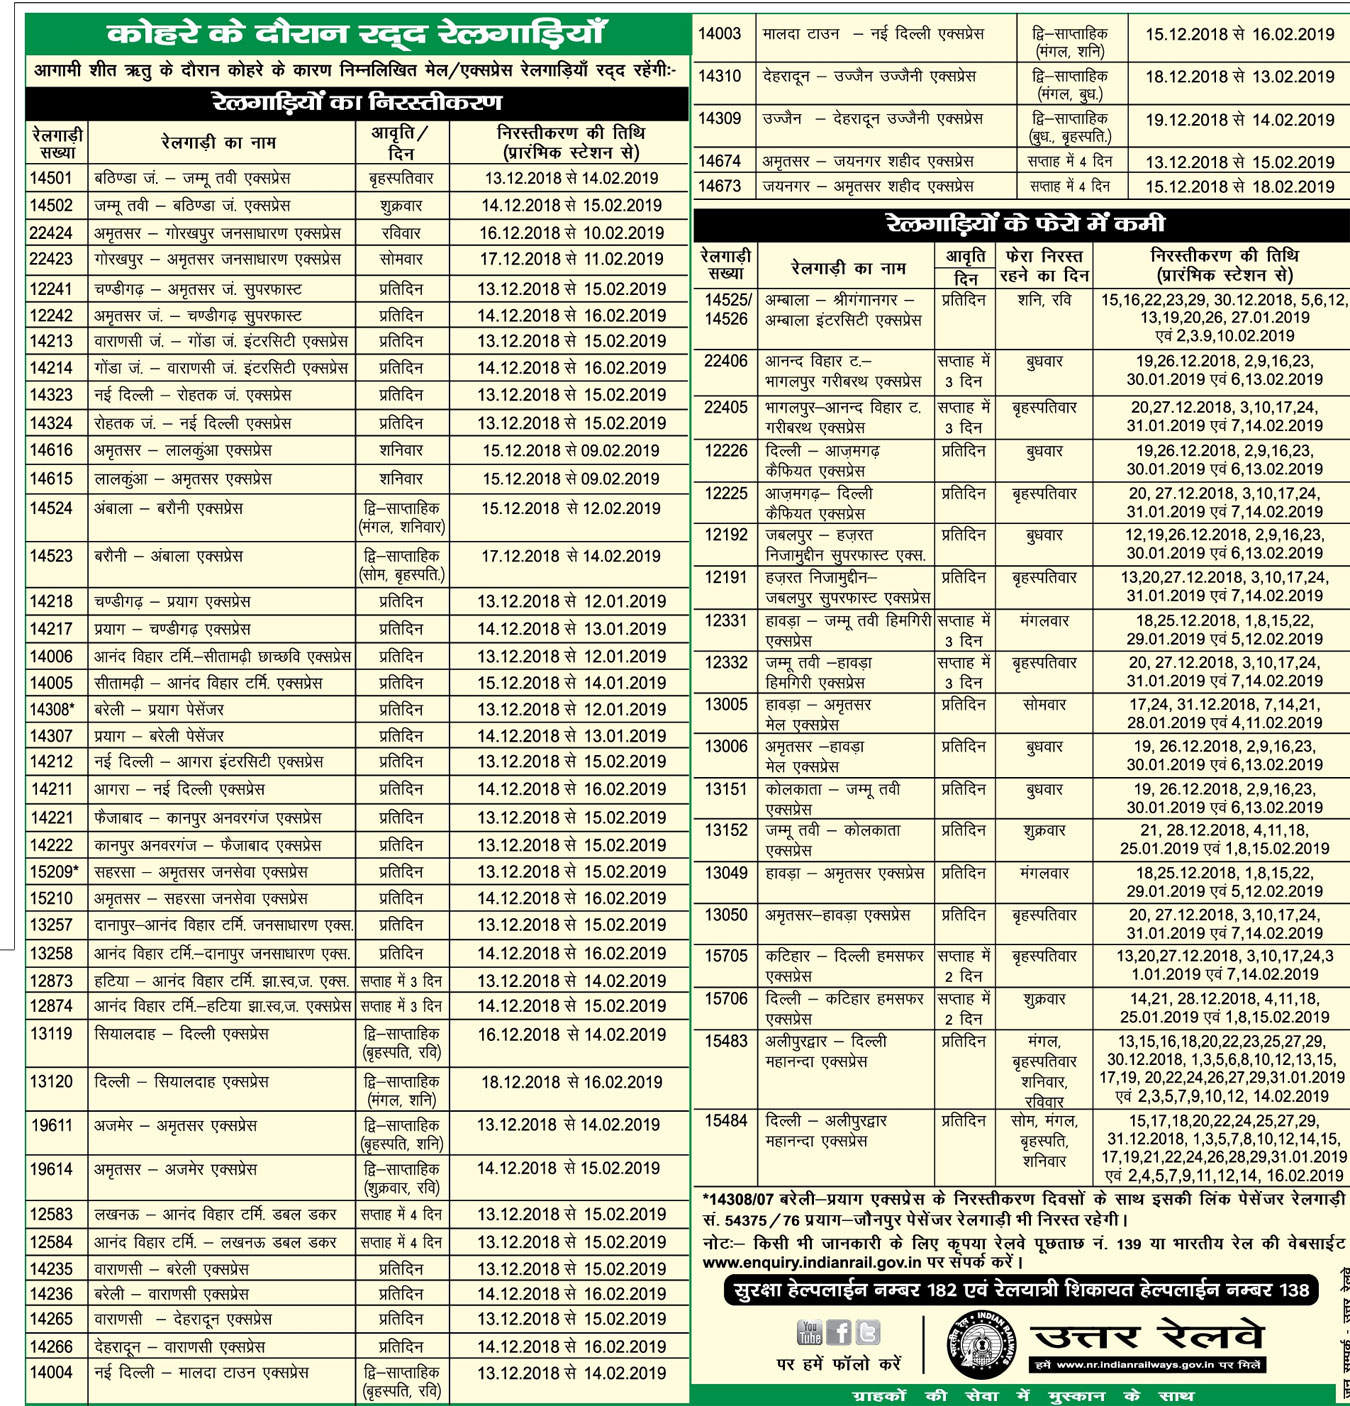 कोहरे के कारण उत्तर रेलवे की 46 ट्रेनें 15 फ़रवरी तक निरस्त